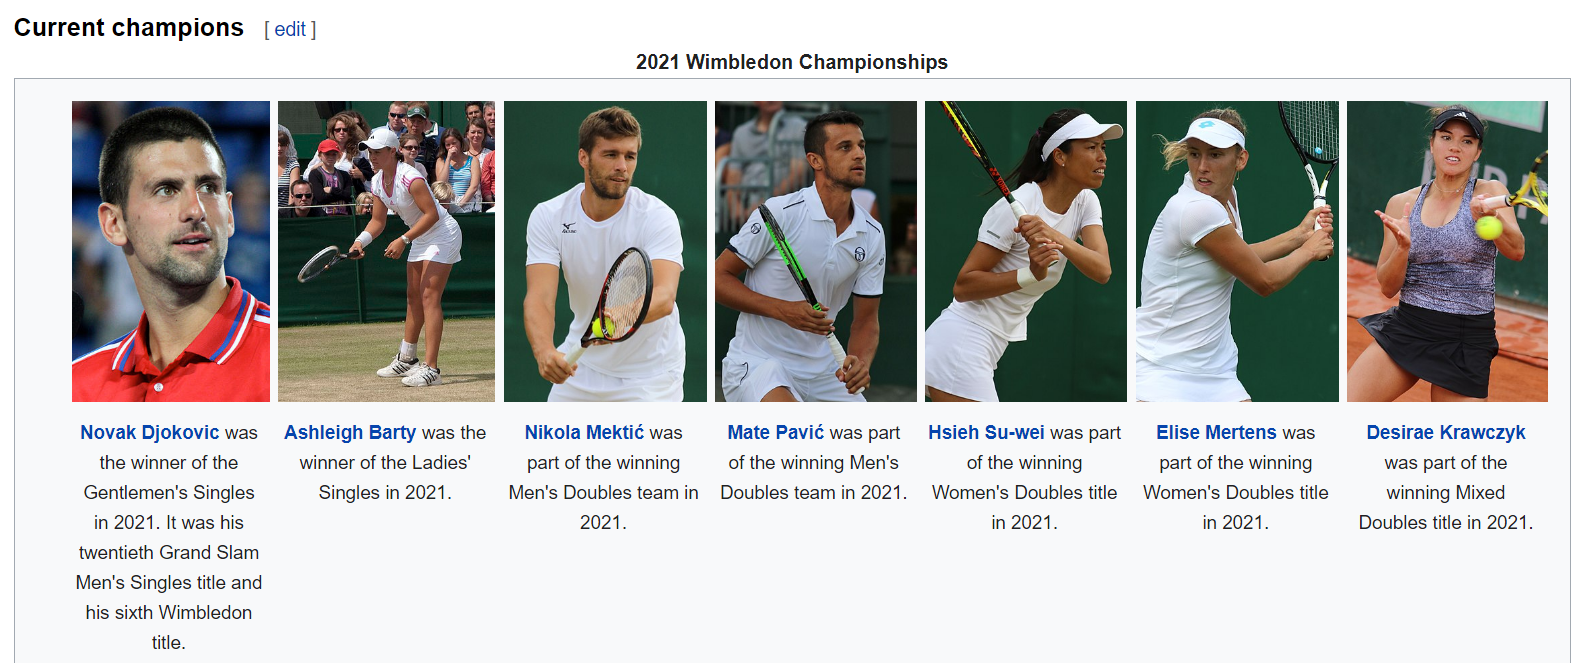 2021 Wimbledon Championships